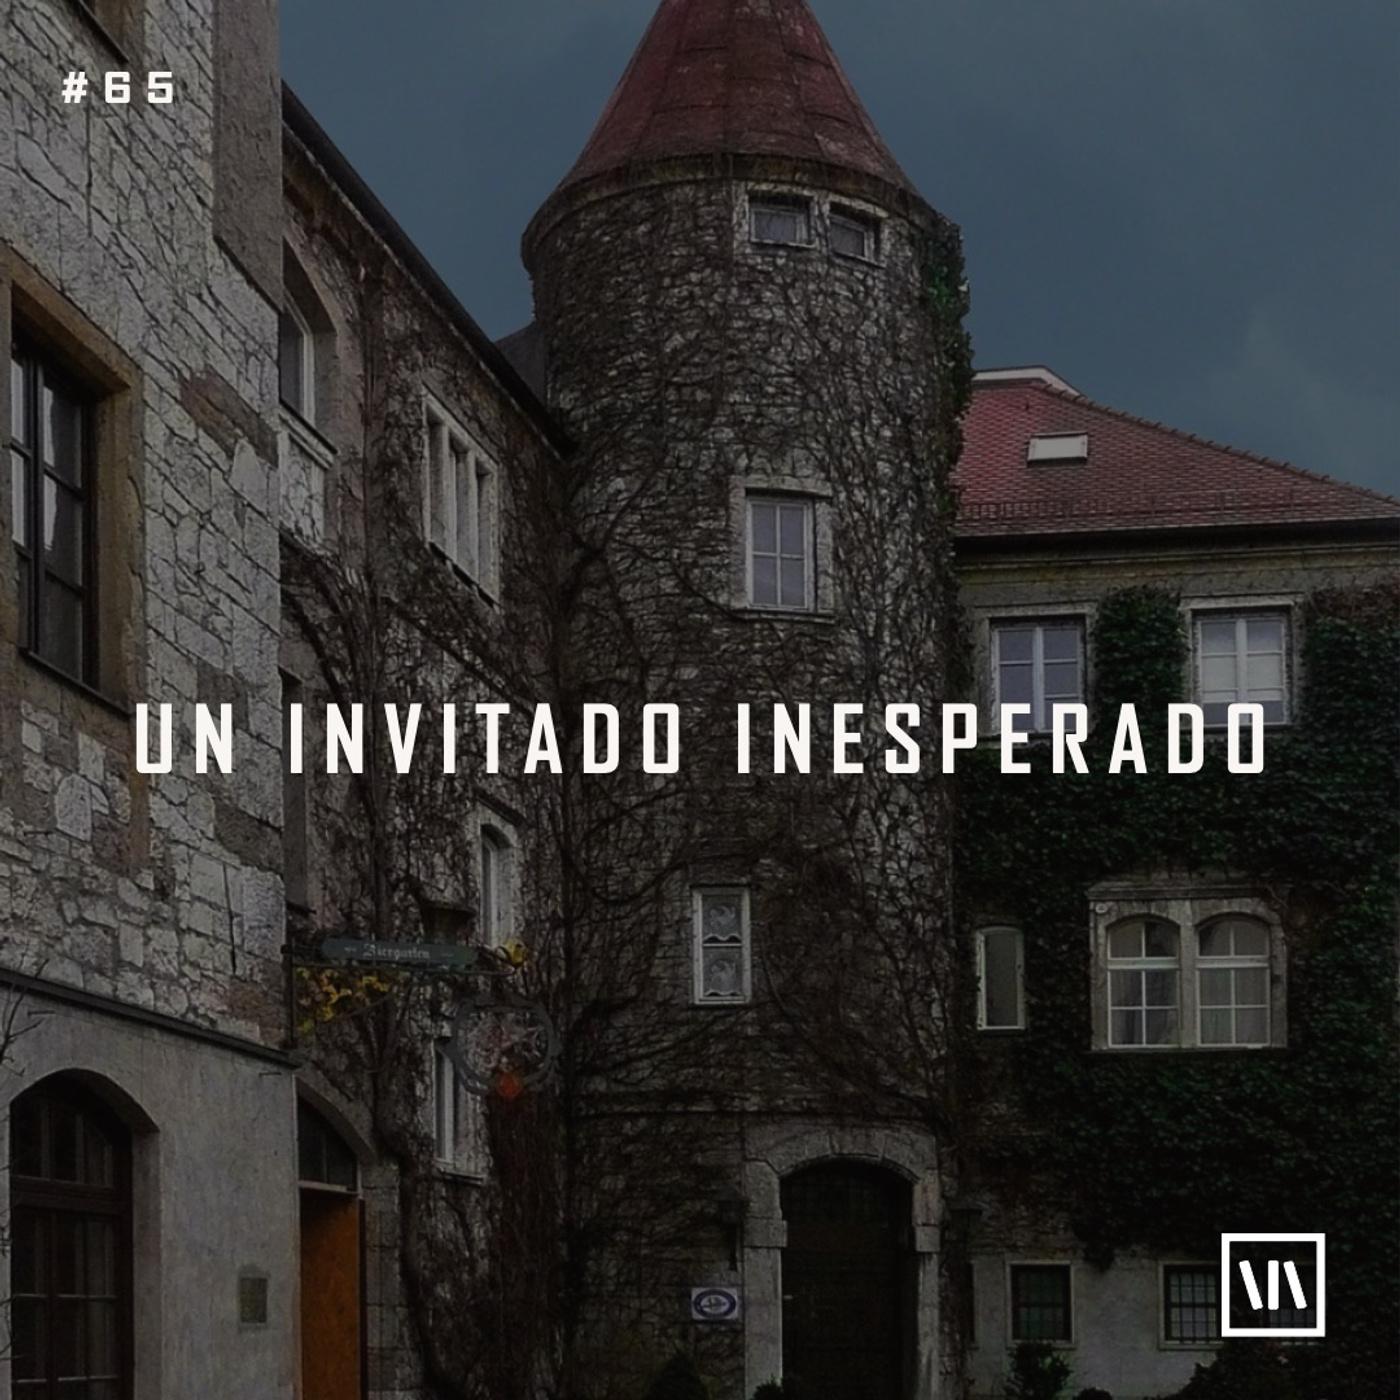 Un Invitado Inesperado